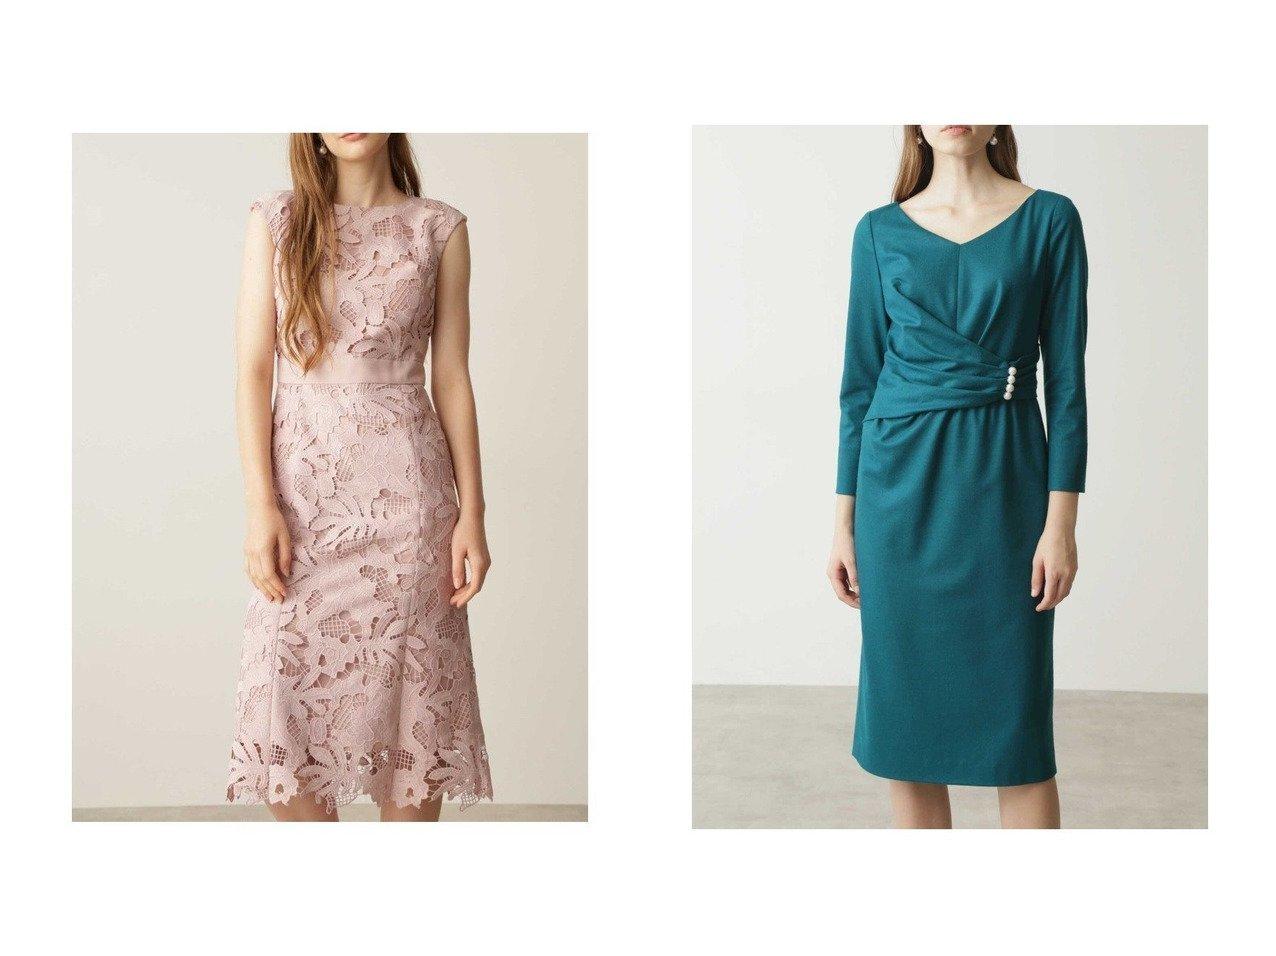 【Pinky&Dianne/ピンキーアンドダイアン】のフラワーケミカルレースマーメイドワンピース&バランサーパールワンピース ワンピース・ドレスのおすすめ!人気、トレンド・レディースファッションの通販  おすすめで人気の流行・トレンド、ファッションの通販商品 メンズファッション・キッズファッション・インテリア・家具・レディースファッション・服の通販 founy(ファニー) https://founy.com/ ファッション Fashion レディースファッション WOMEN ワンピース Dress エレガント ケミカル スマート フラワー モチーフ レース アシンメトリー ジャージ パール  ID:crp329100000010164